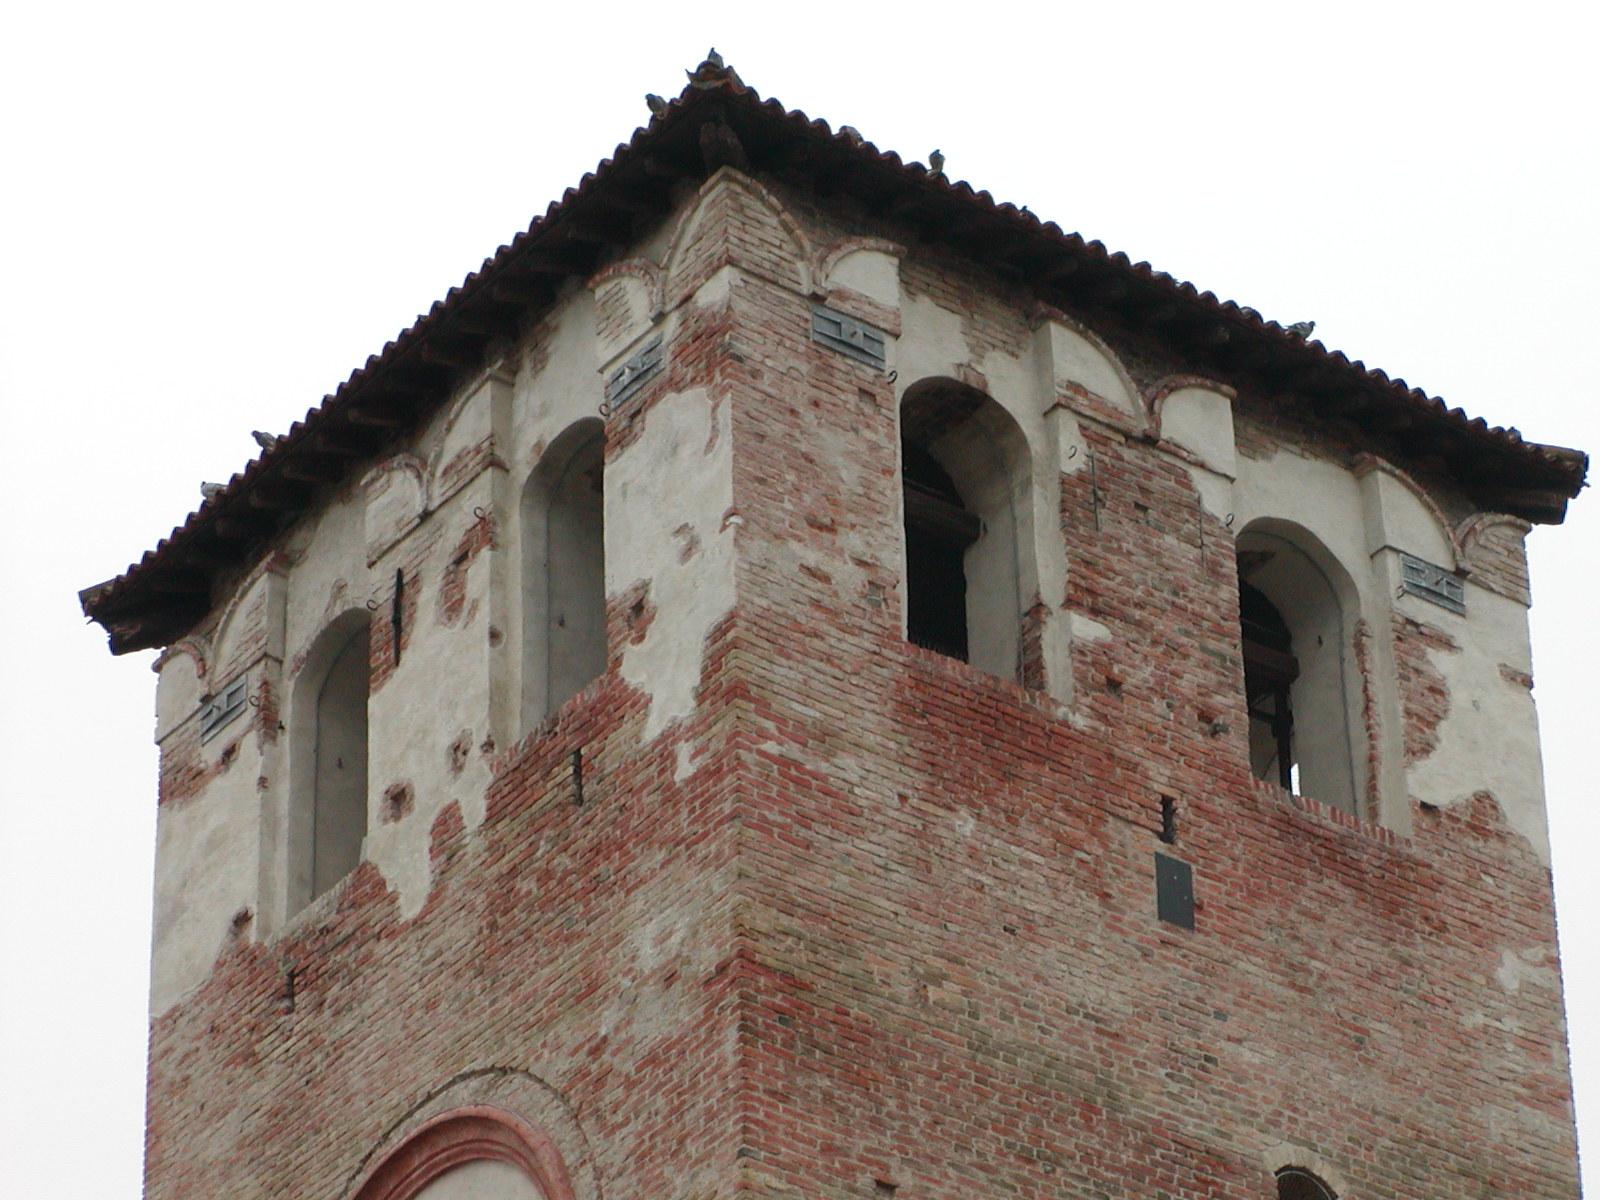 Studio-di-architettura-Baisotti-Sigala-prgetti179